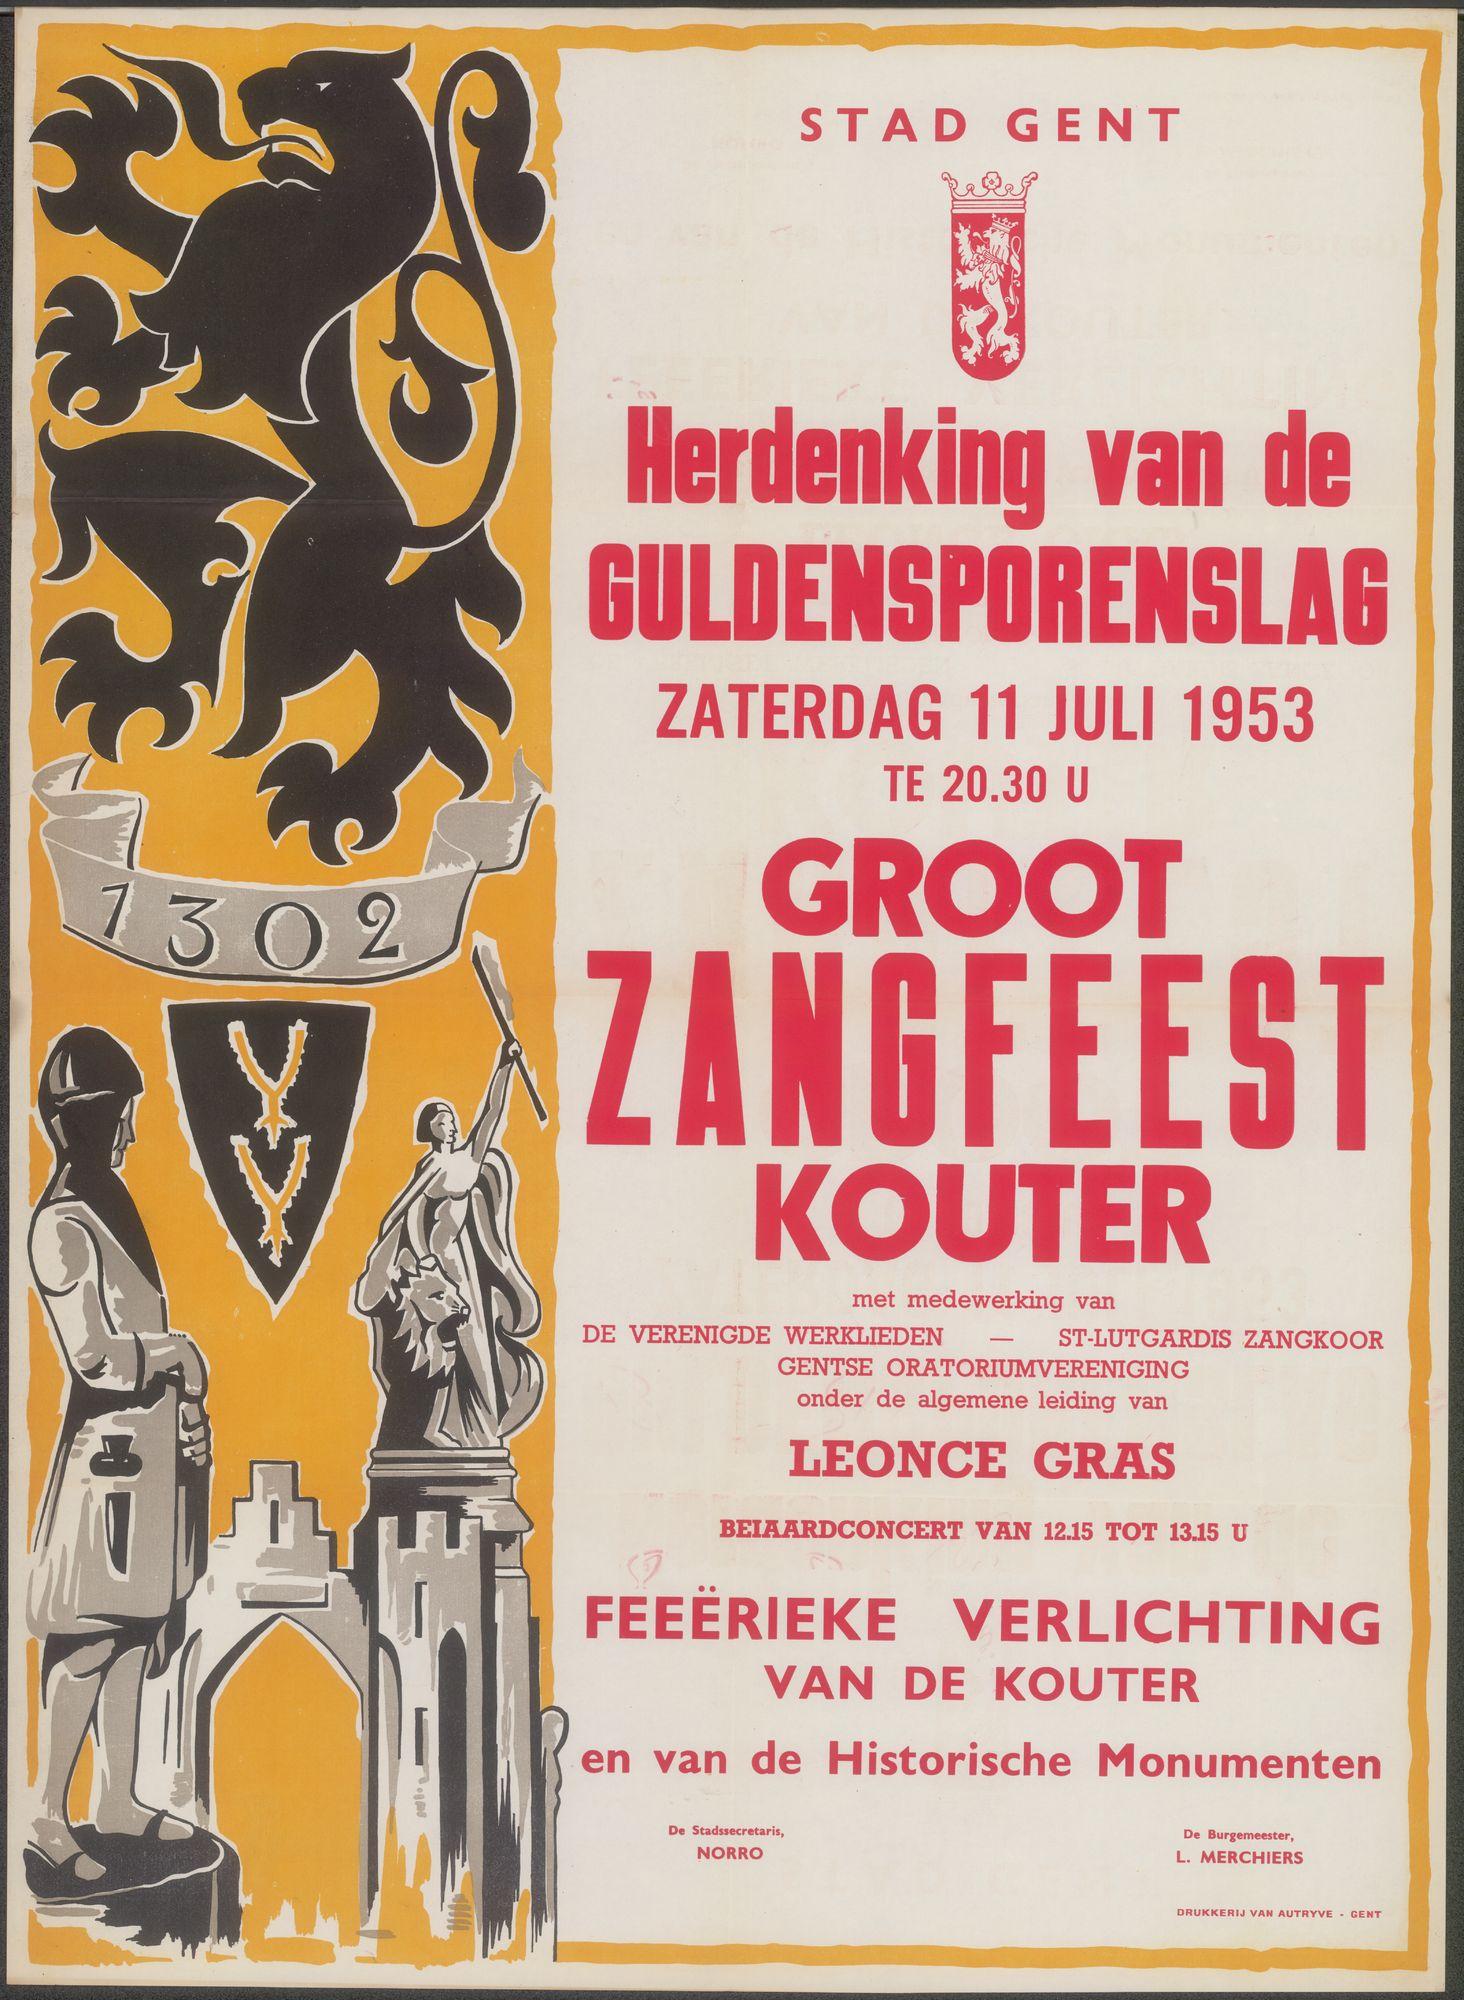 Herdenking van de Guldensporenslag, Groot Zangfeest, Kouter, Gent, 11 juli 1953